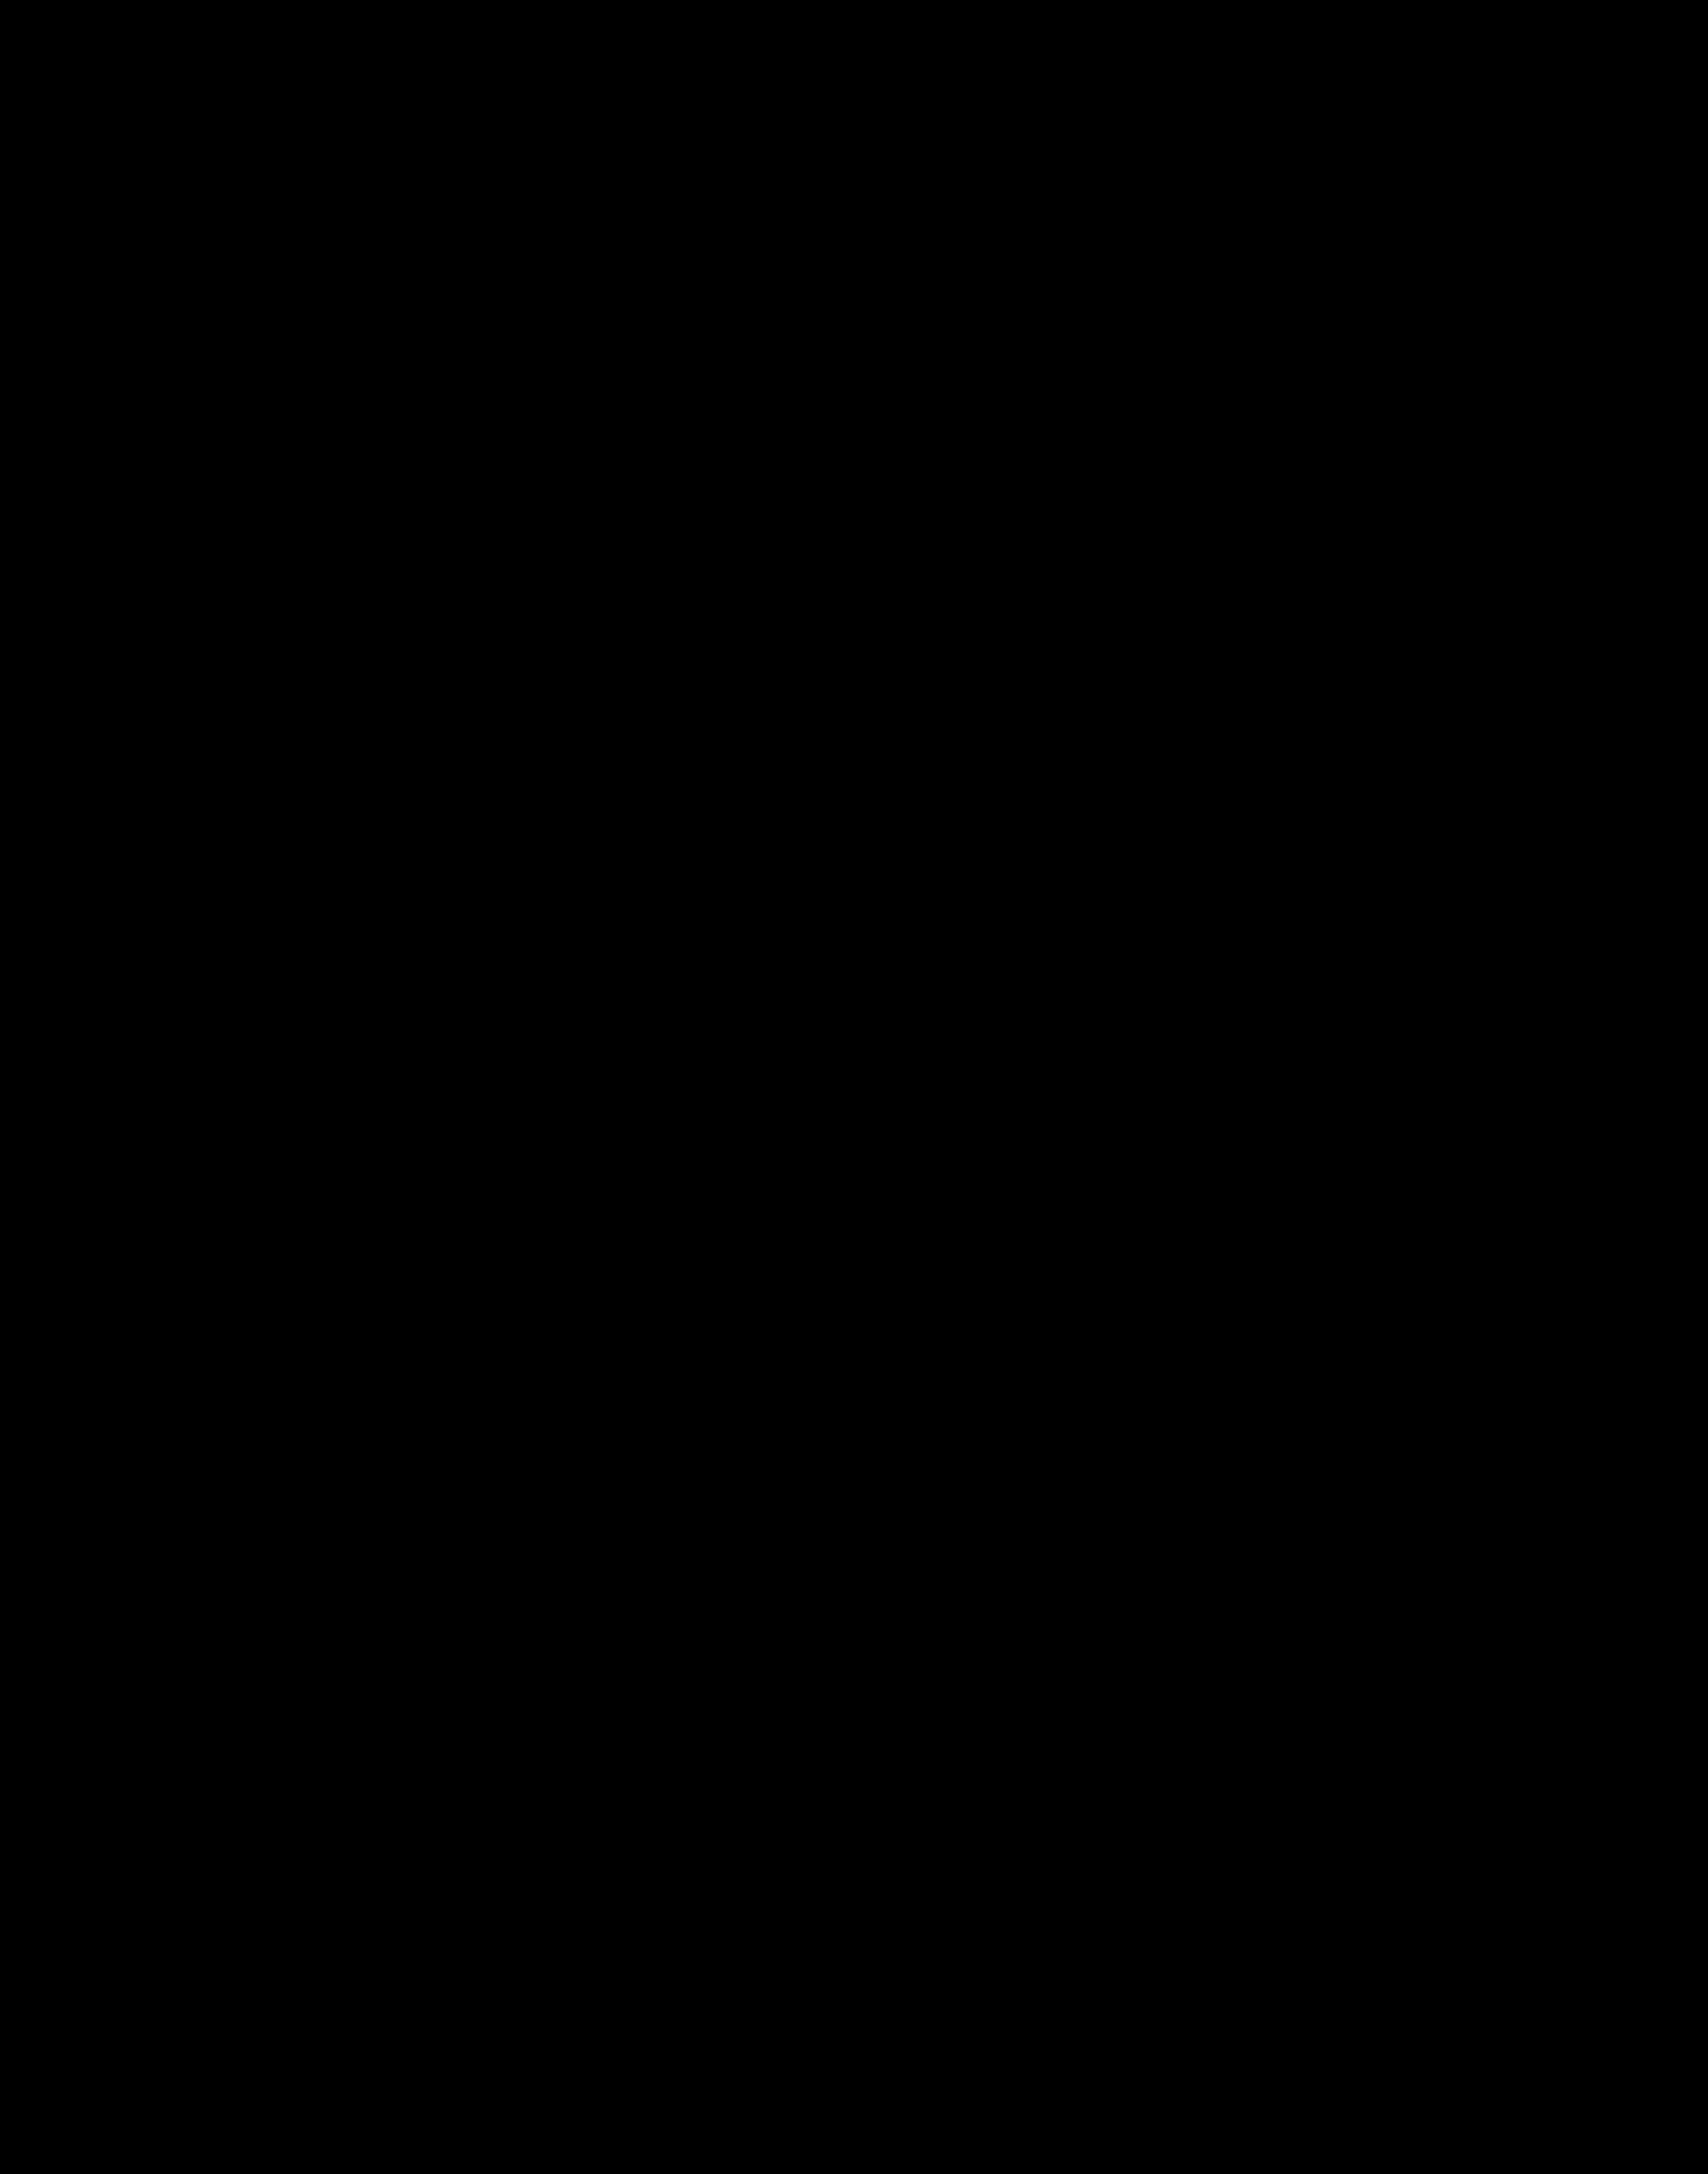 Jardin des sens 100 dessins colorier virginie guyard for Jardin des sens